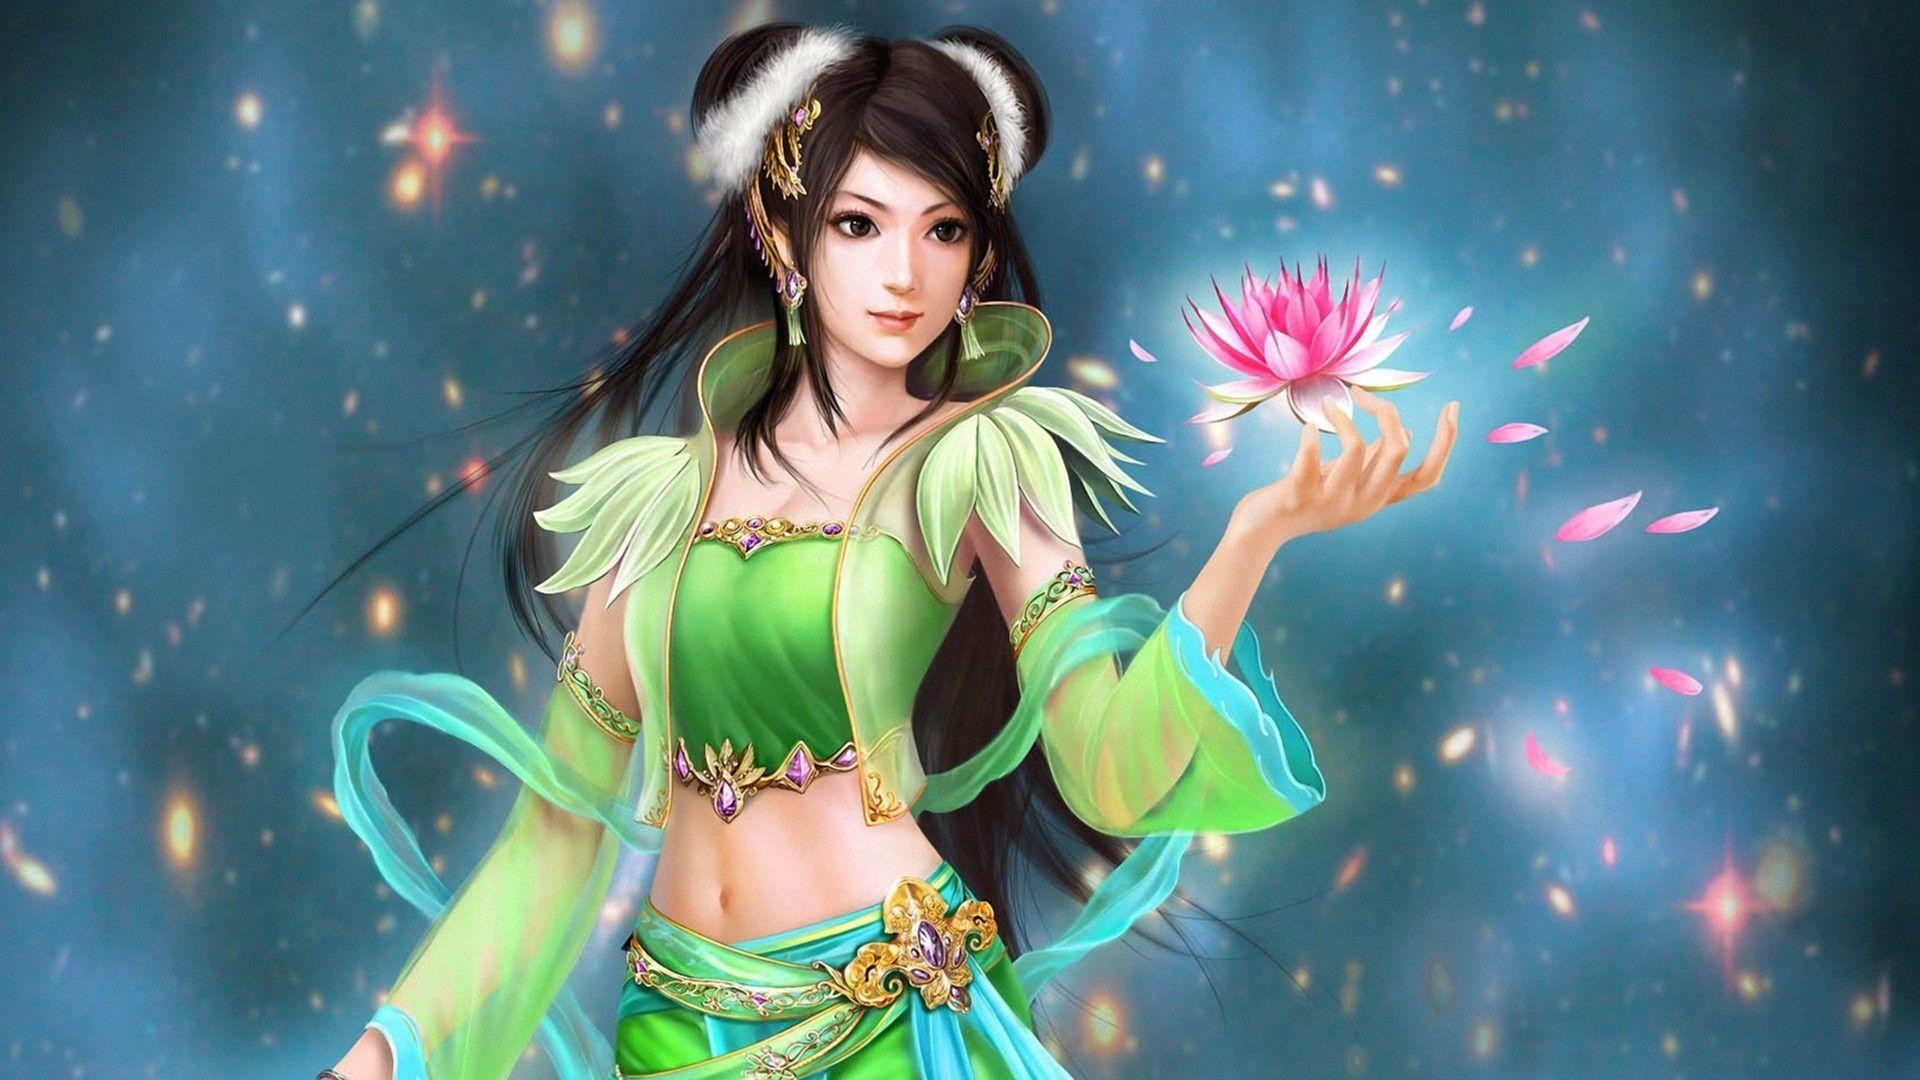 3d Fantasy Girl Fantasy Girl Fantasy Paintings Fantasy Art